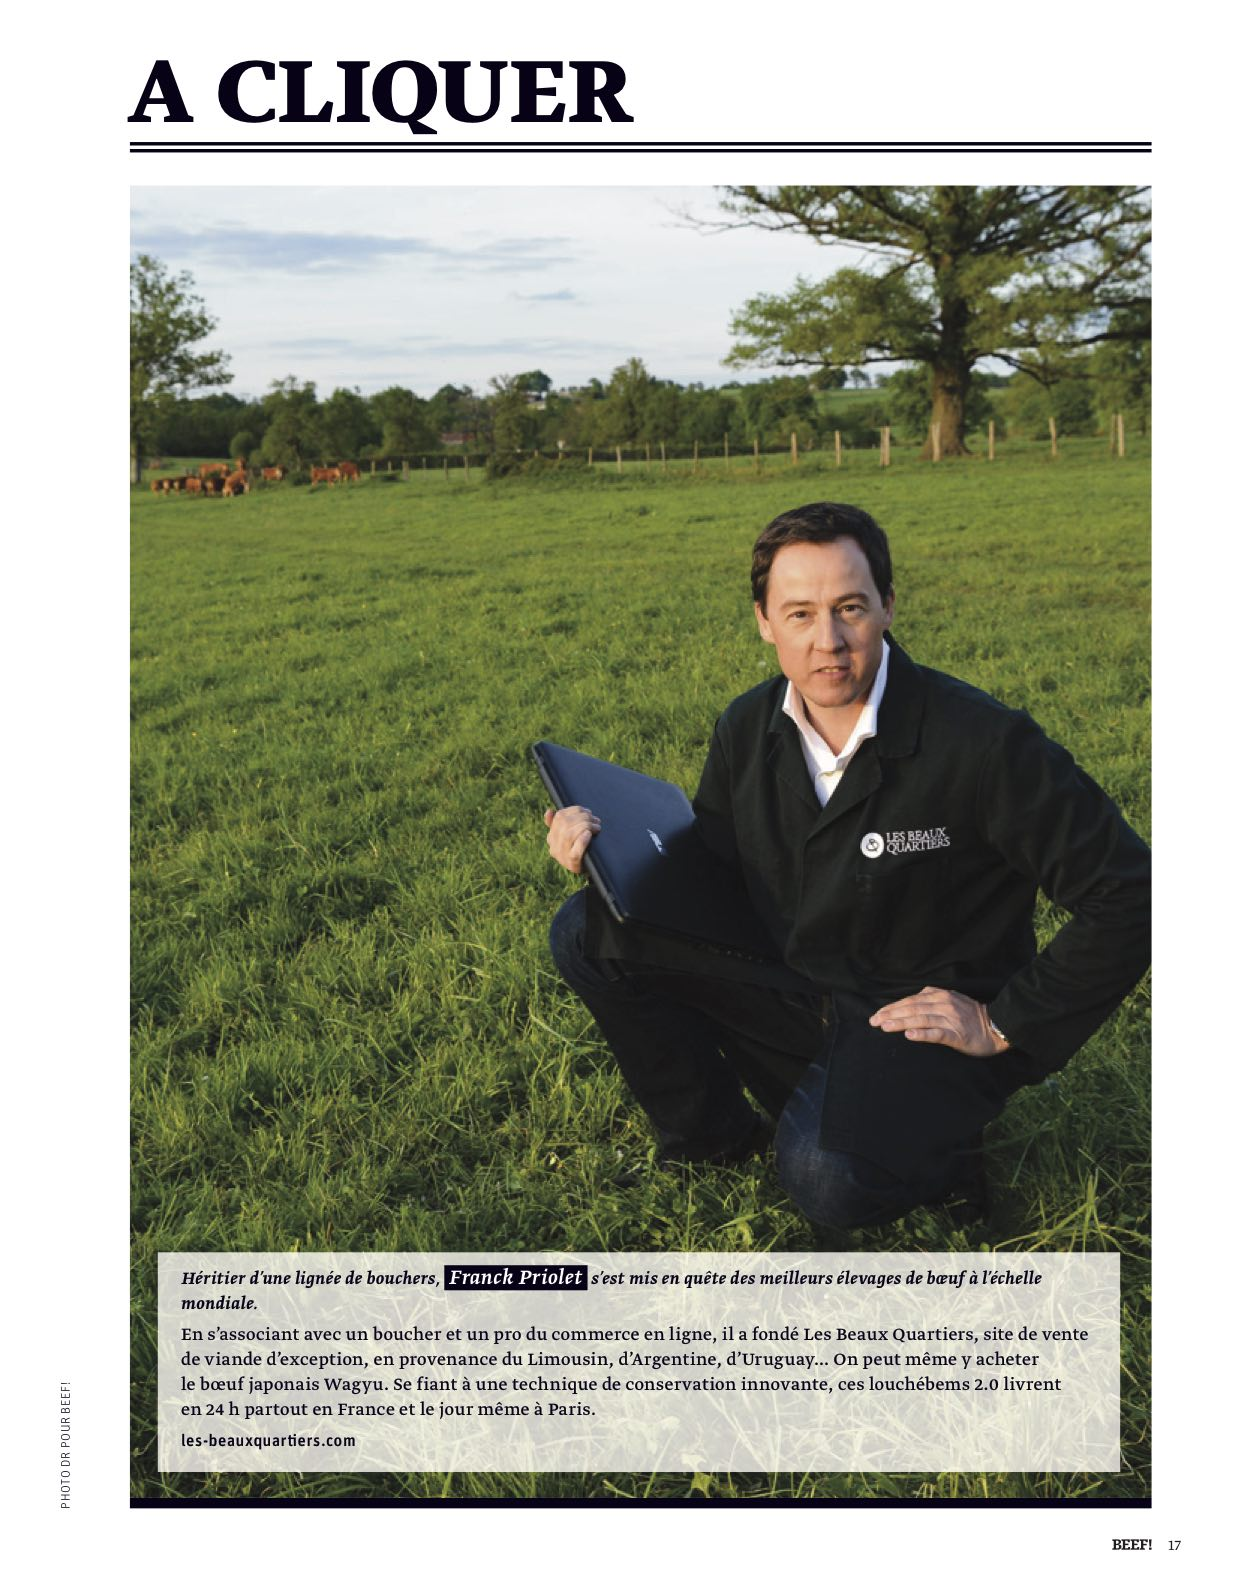 Franck Priolet fondateur de la marque de boeuf d'exception